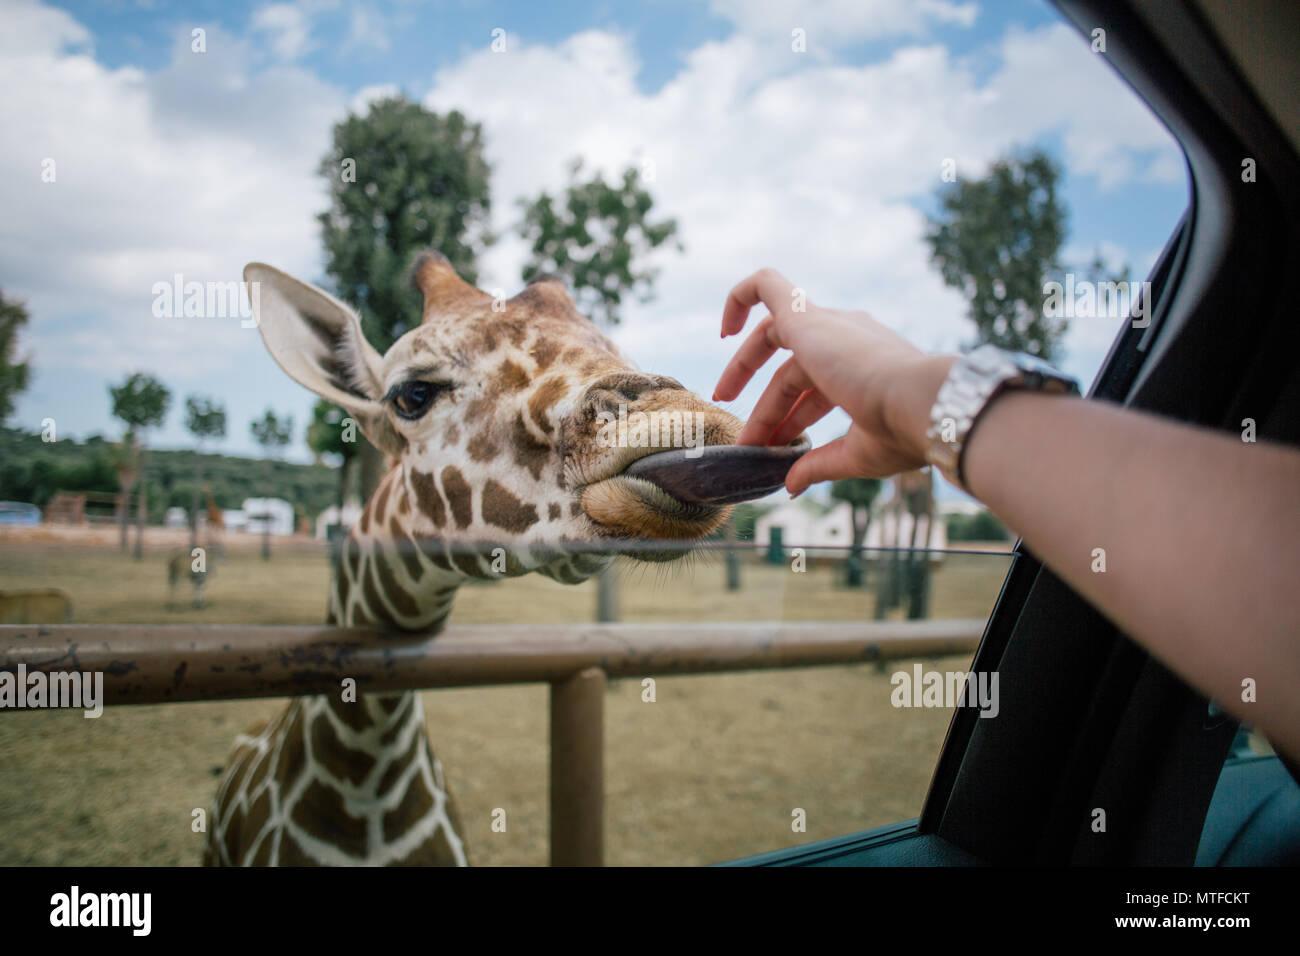 Jirafa y la mano del hombre en el zoológico safari Fasano Apulia Italia Imagen De Stock